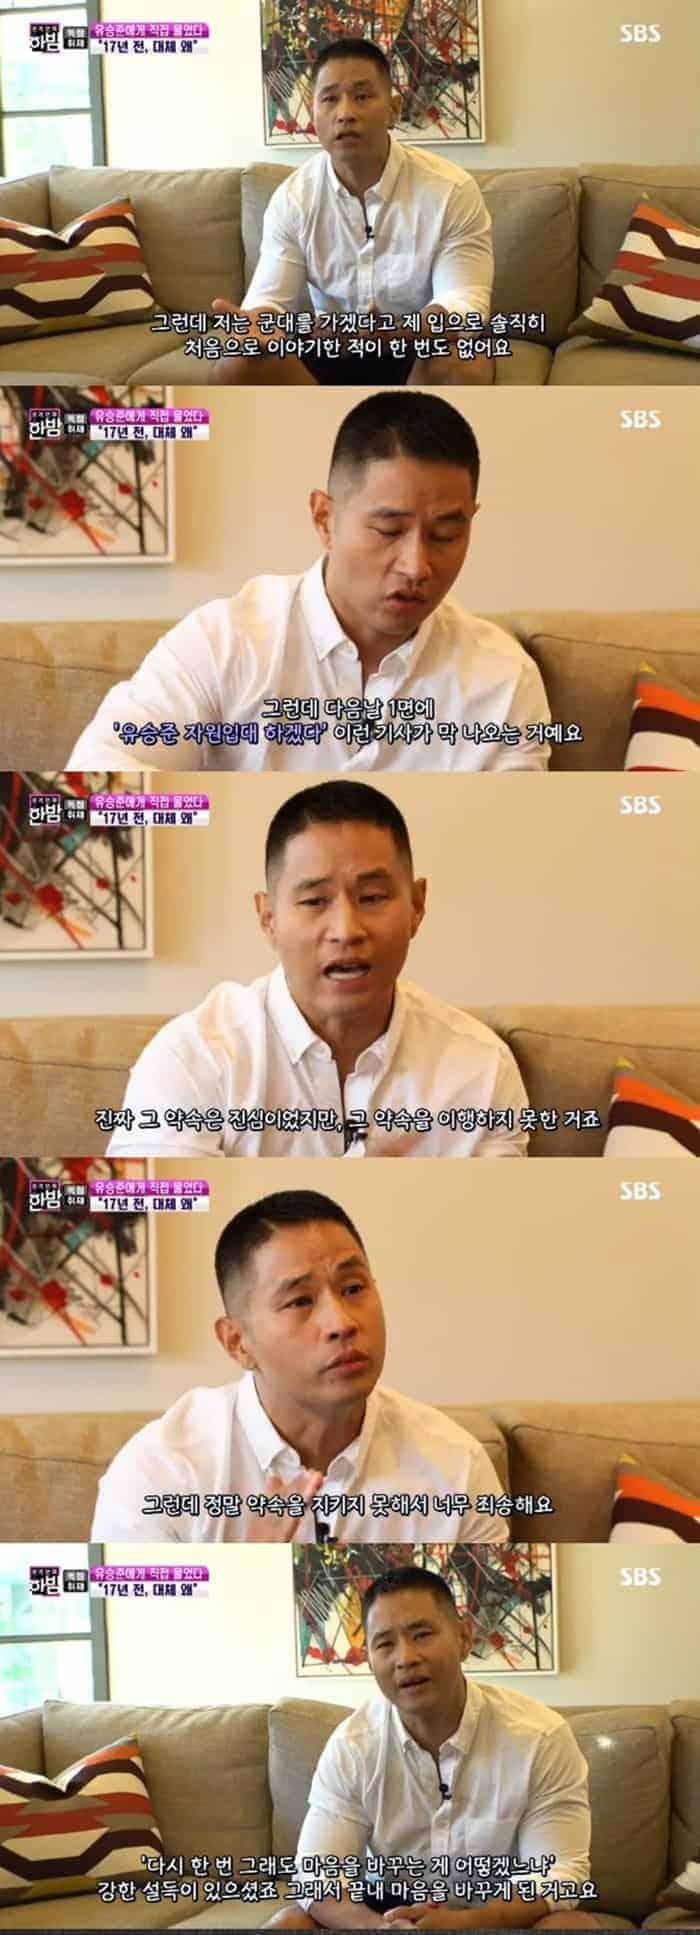 유승준/'본격연예 한밤' 캡처 © 갓잇코리아